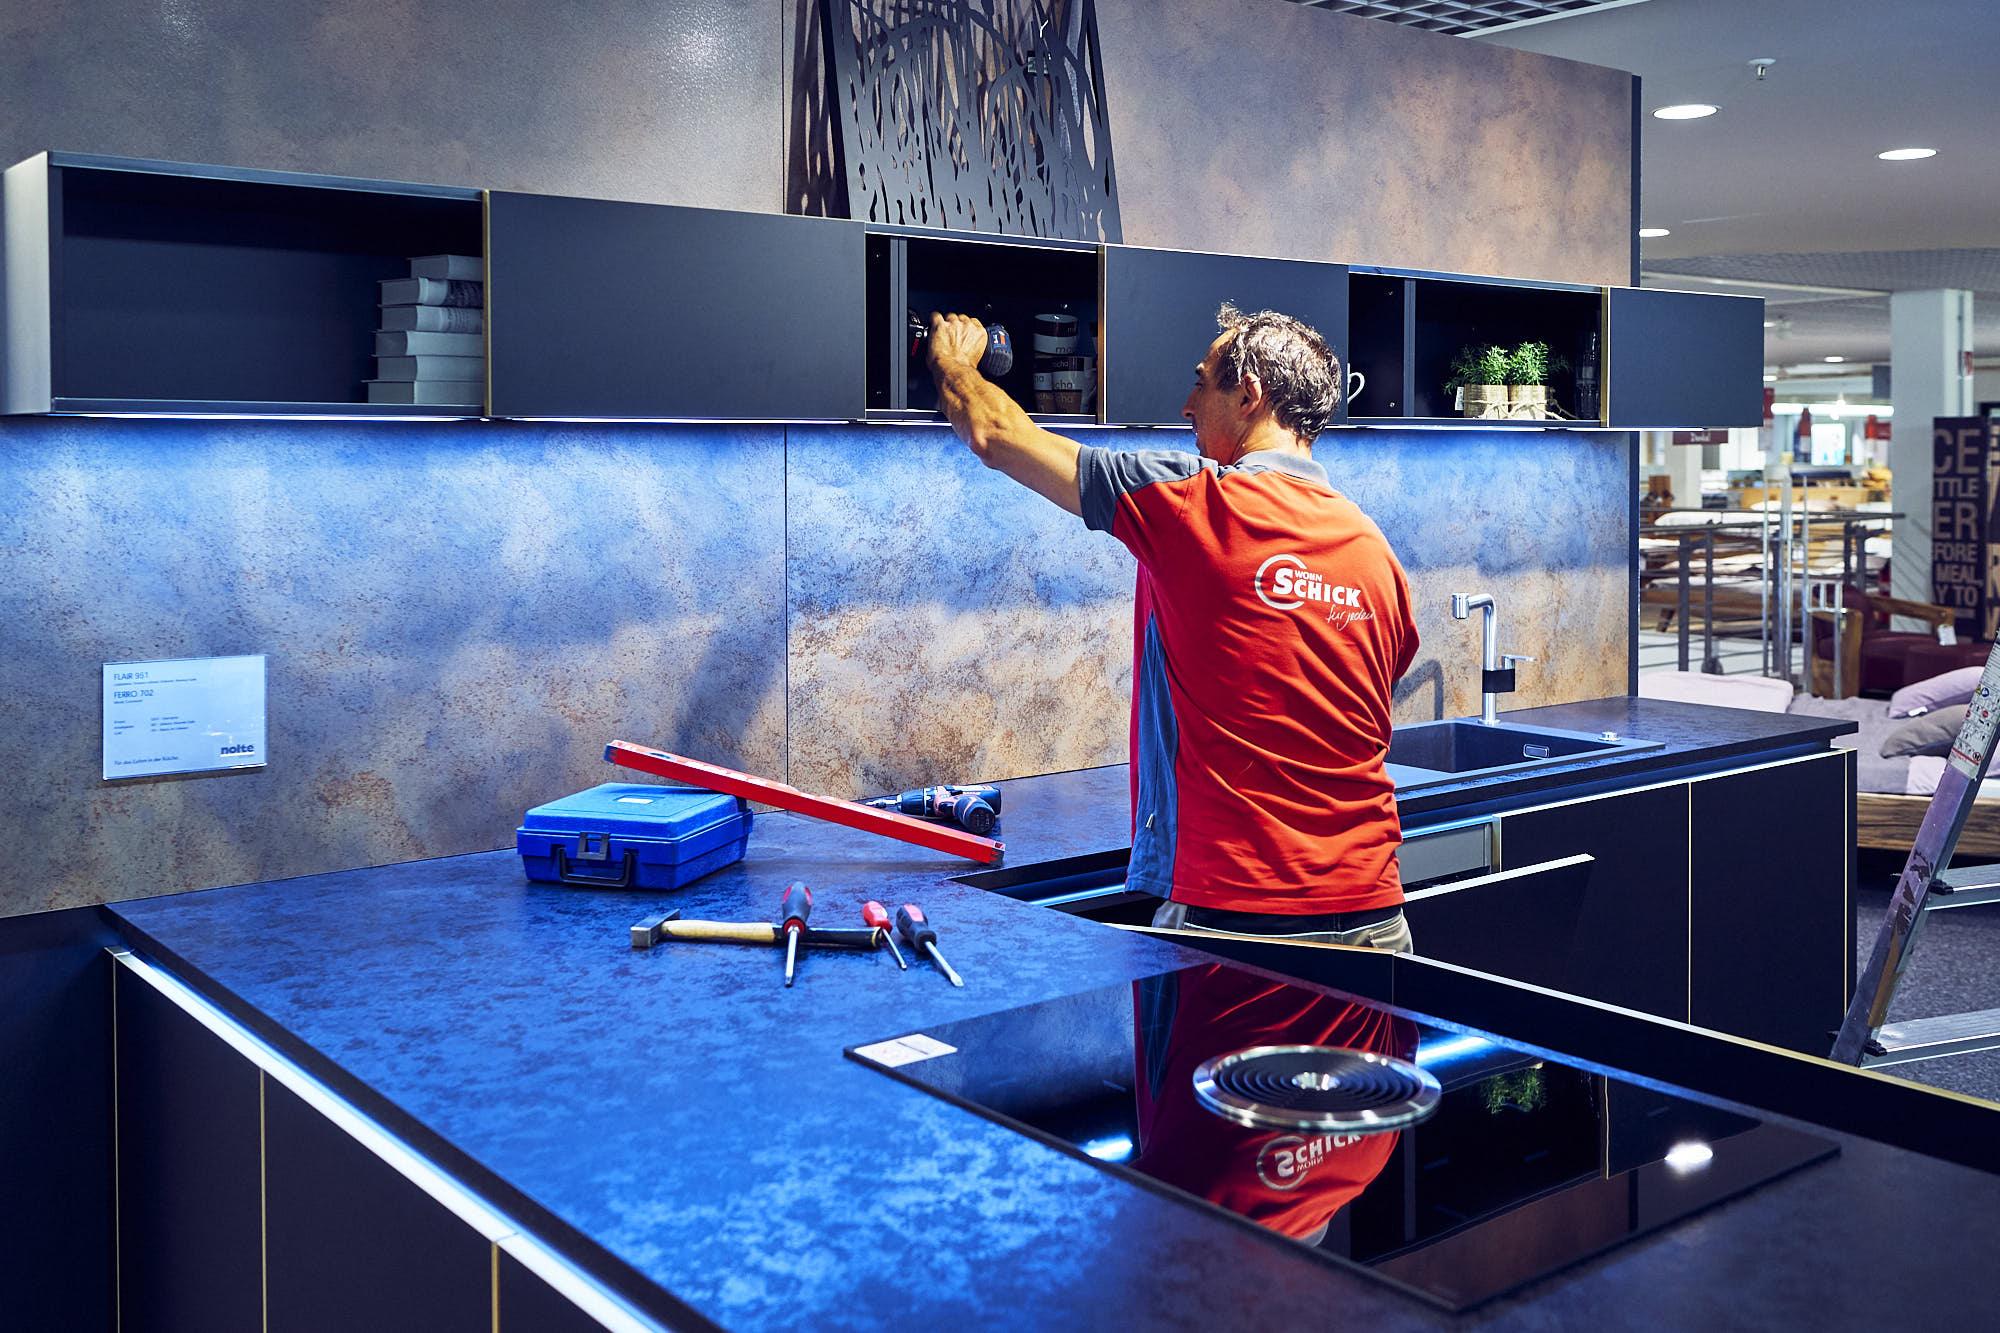 Besuchen Sie uns - Unsere Küchenexperten beraten Sie gern